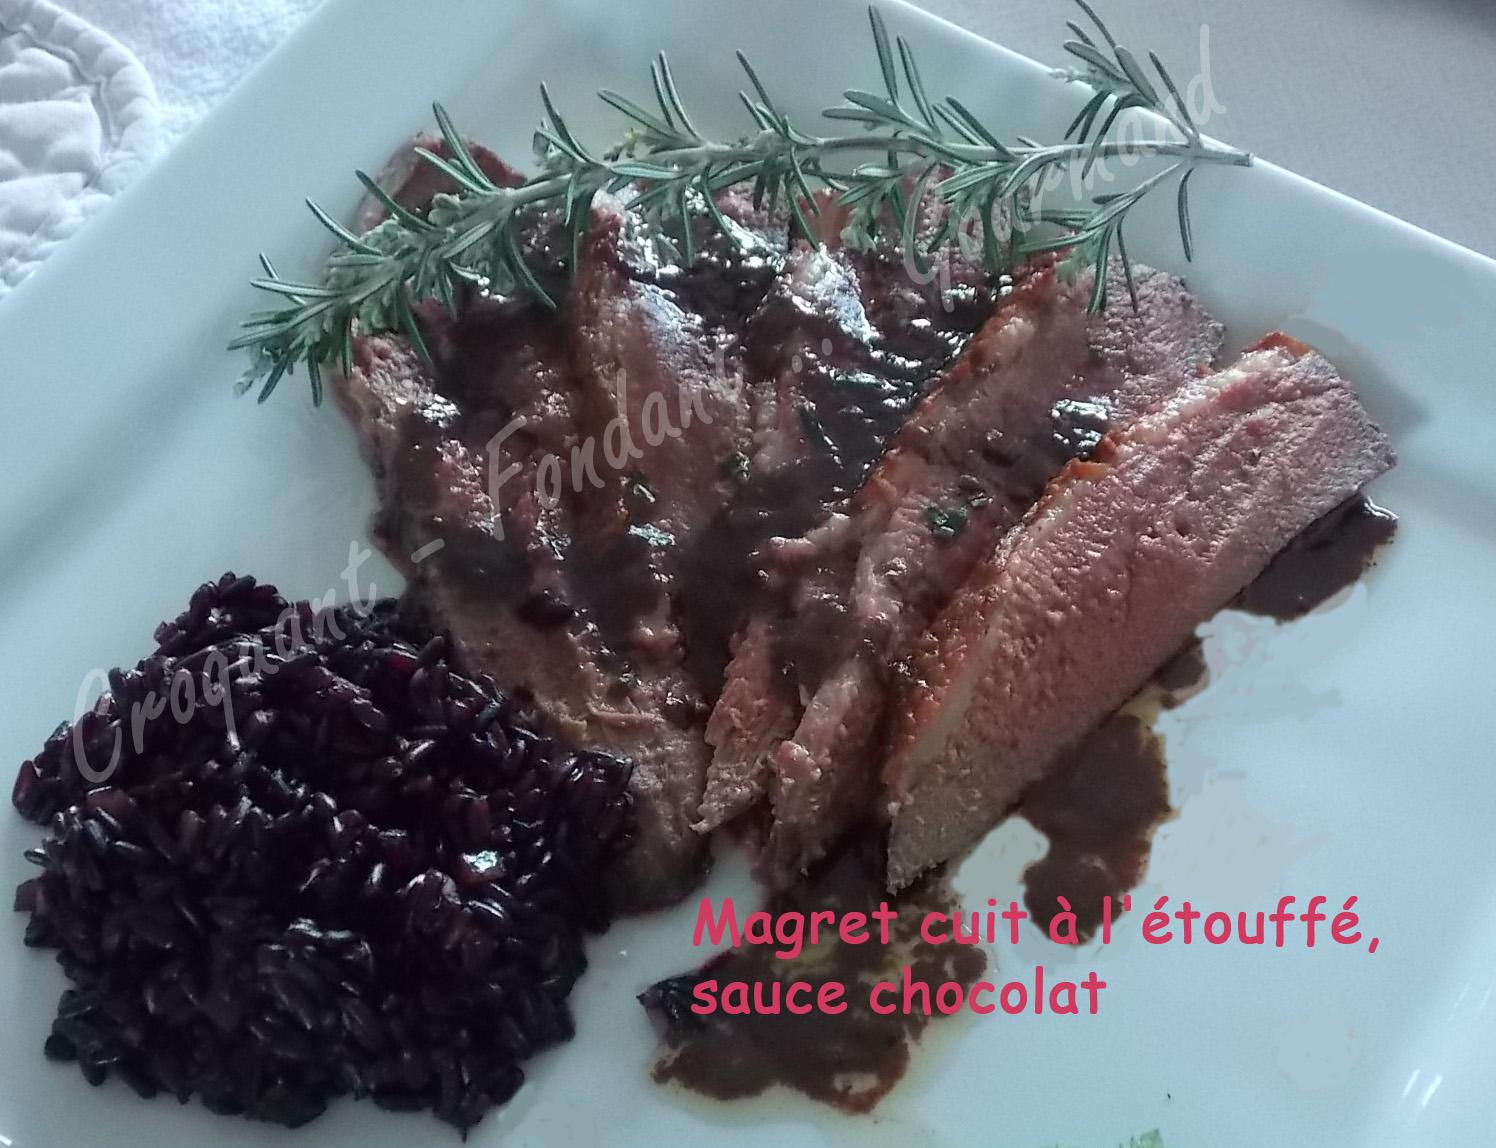 Magret cuit à l'étouffé, sauce chocolat DSCN1659_31283